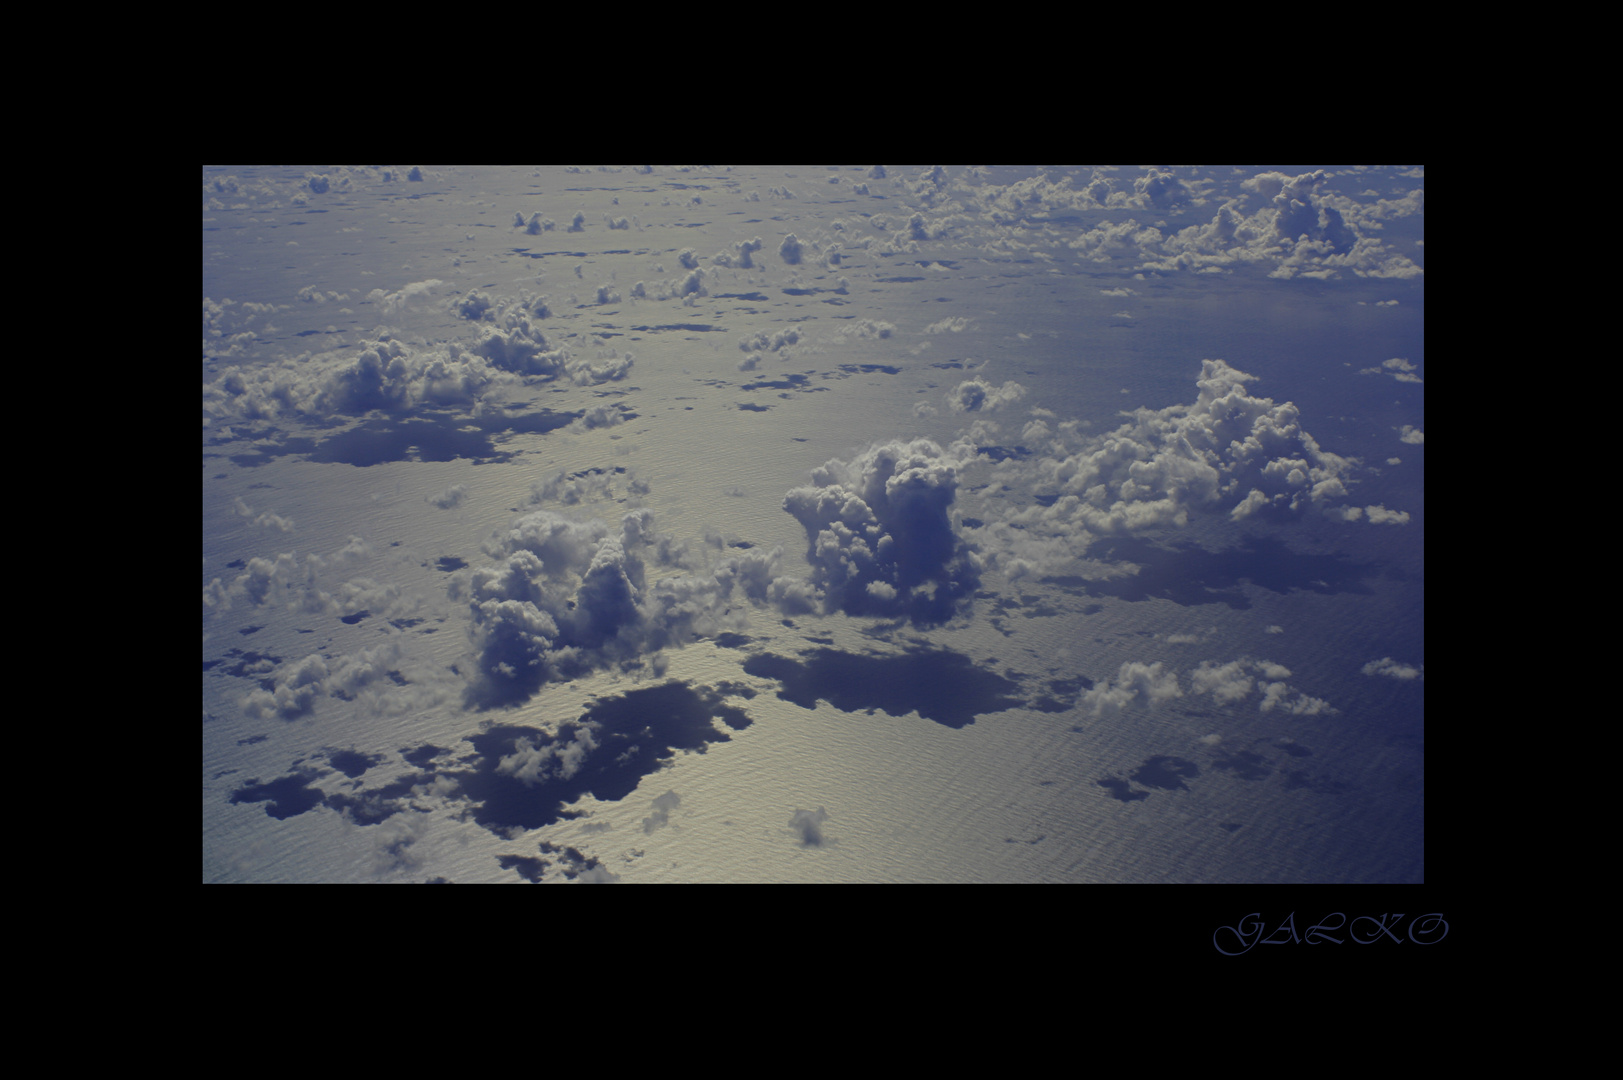 au dessus de l'océan 2